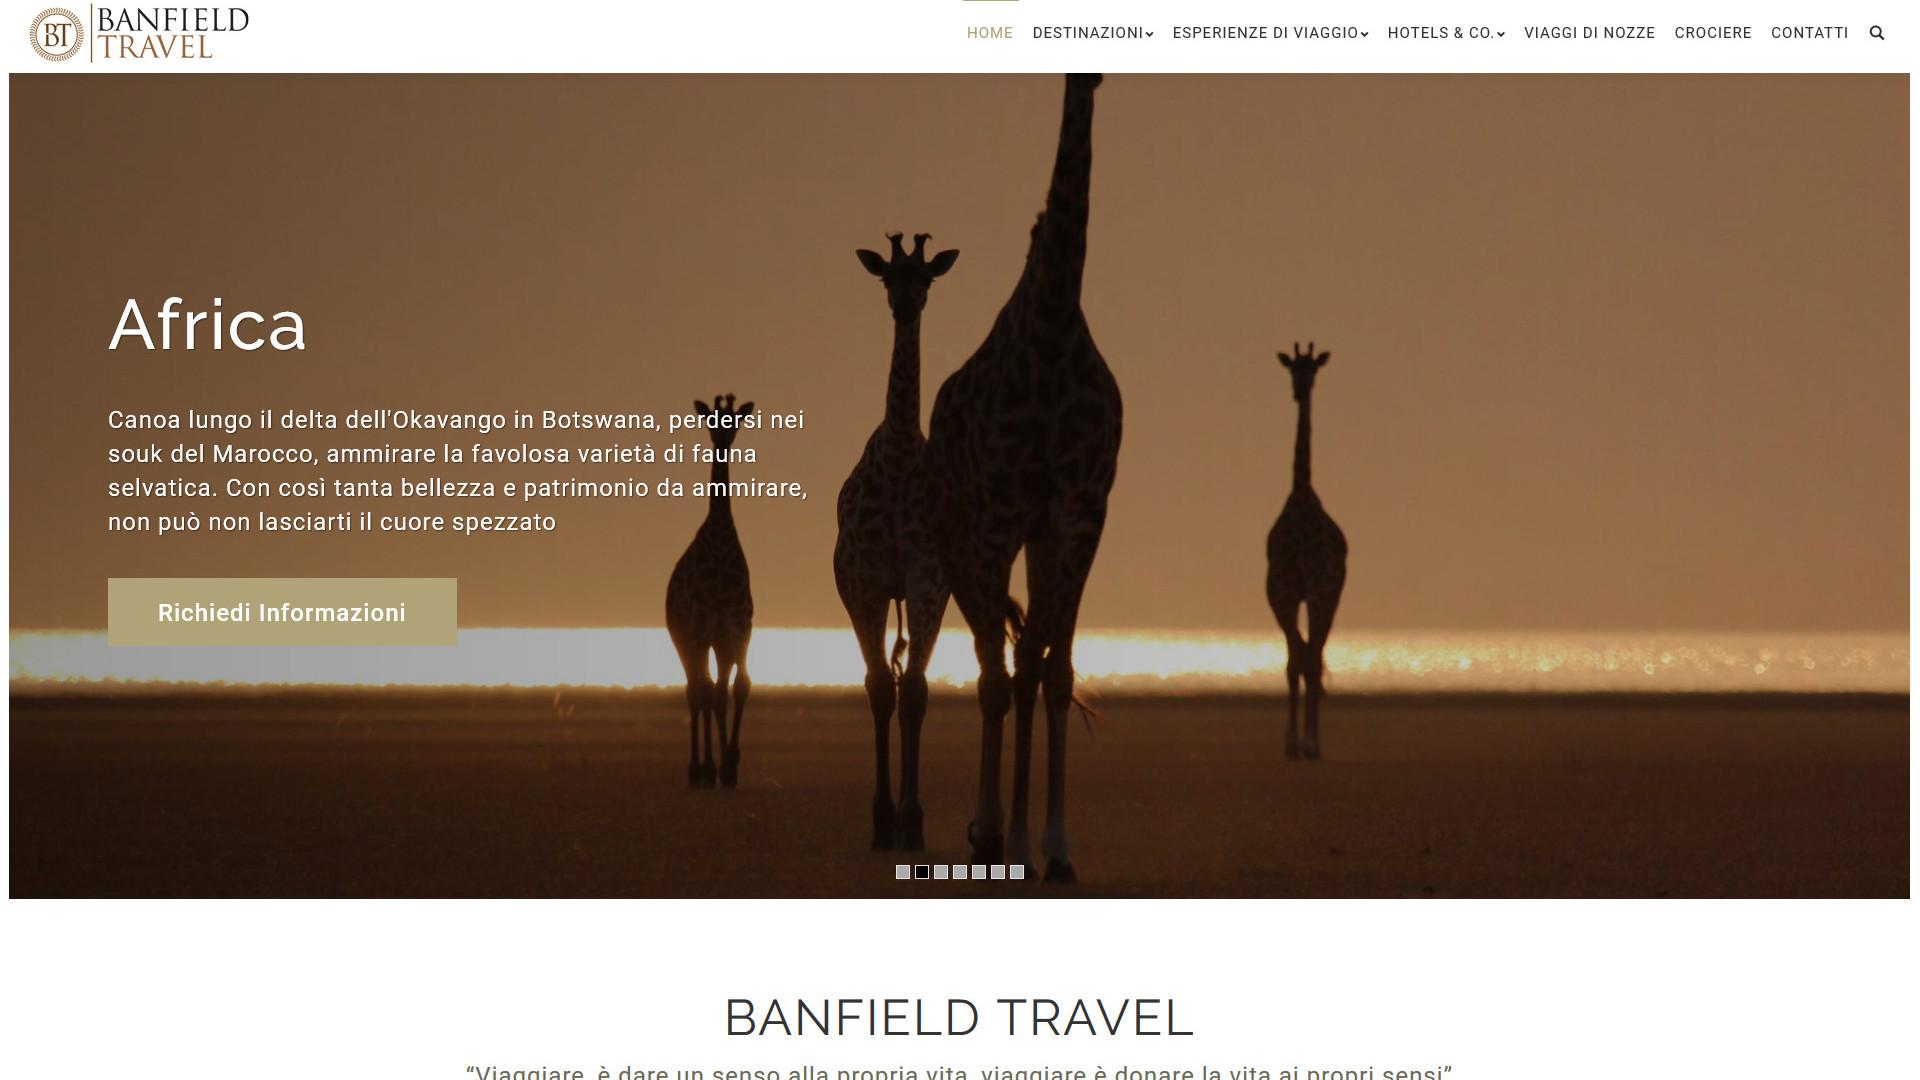 Deserto con Giraffe, viaggio in Africa Banfiel Travel